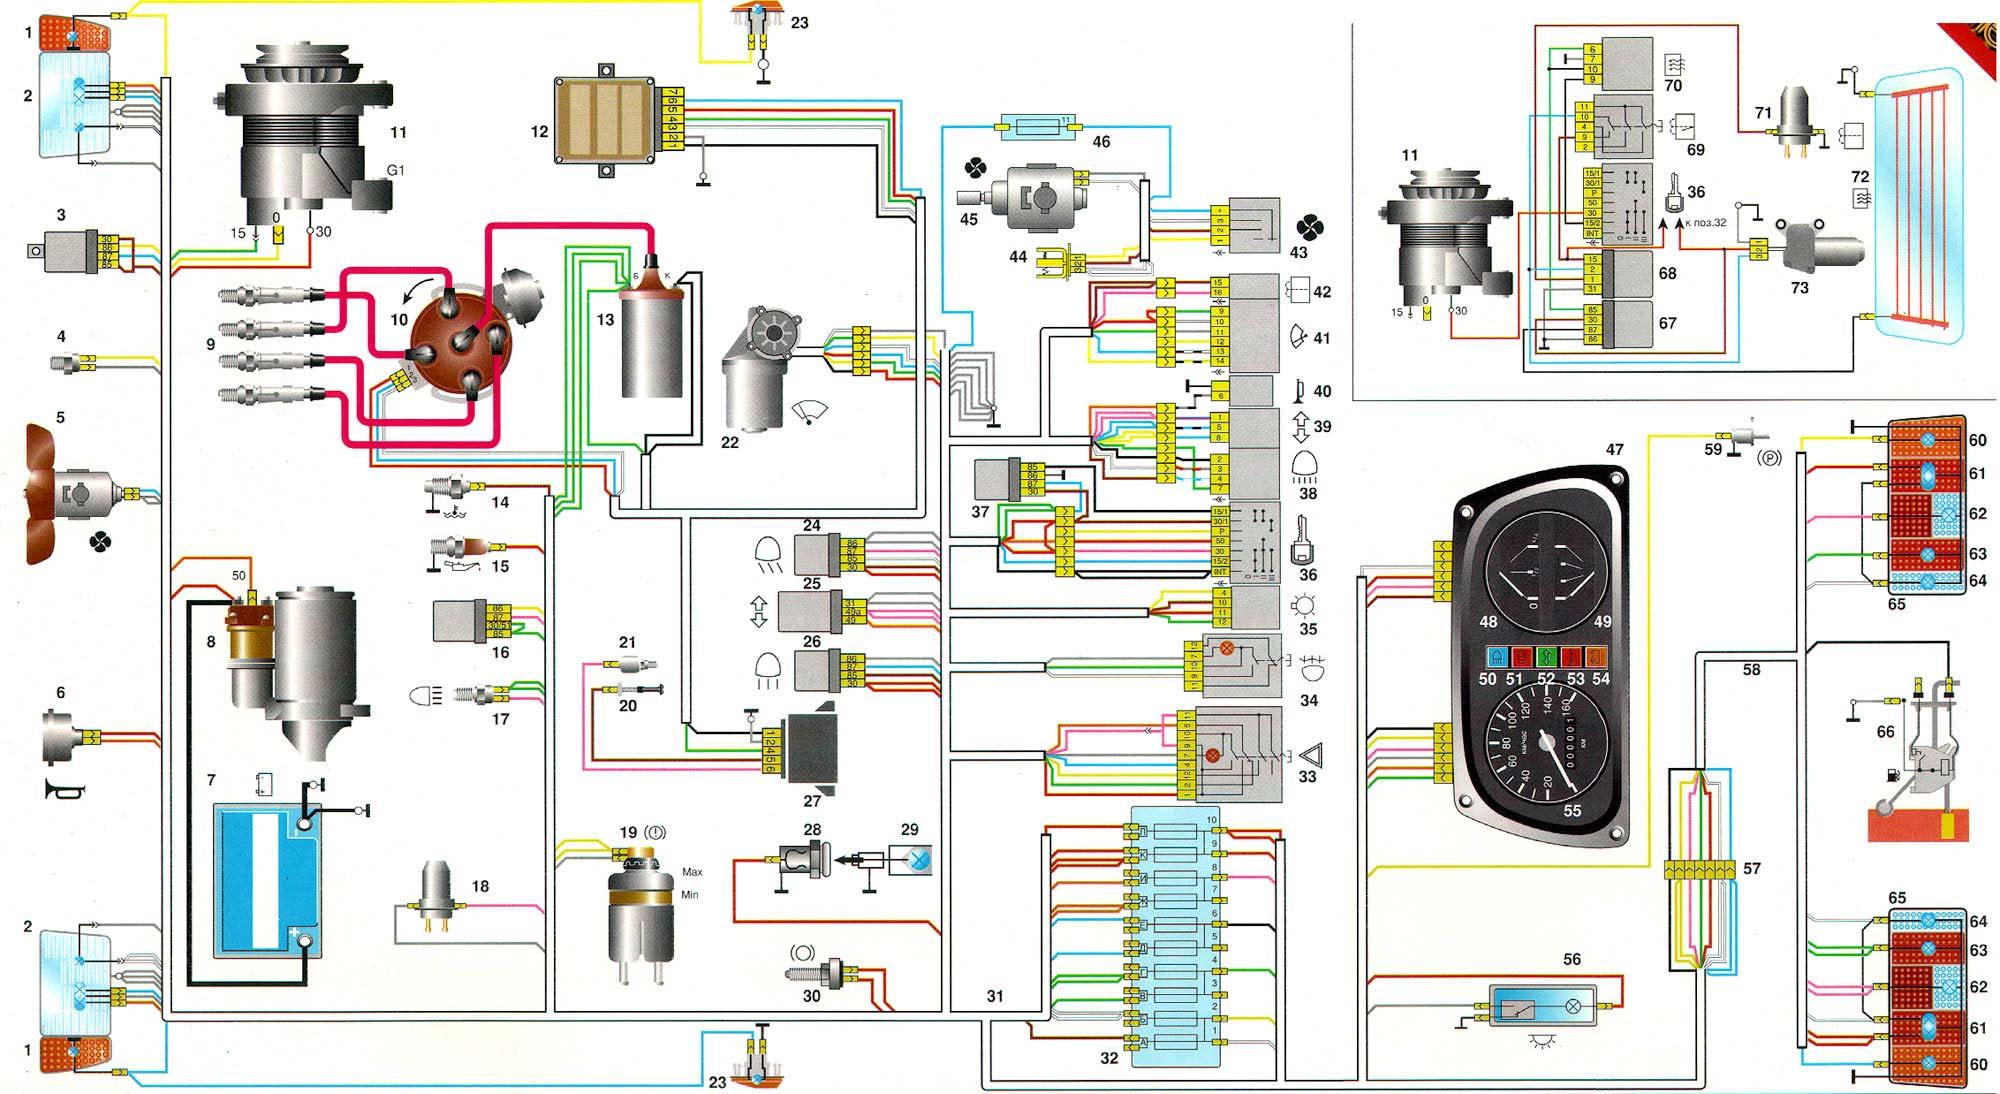 ...в ремонт выключателей последовательность выполнения переключений в главной схеме и диспетчерском щите...